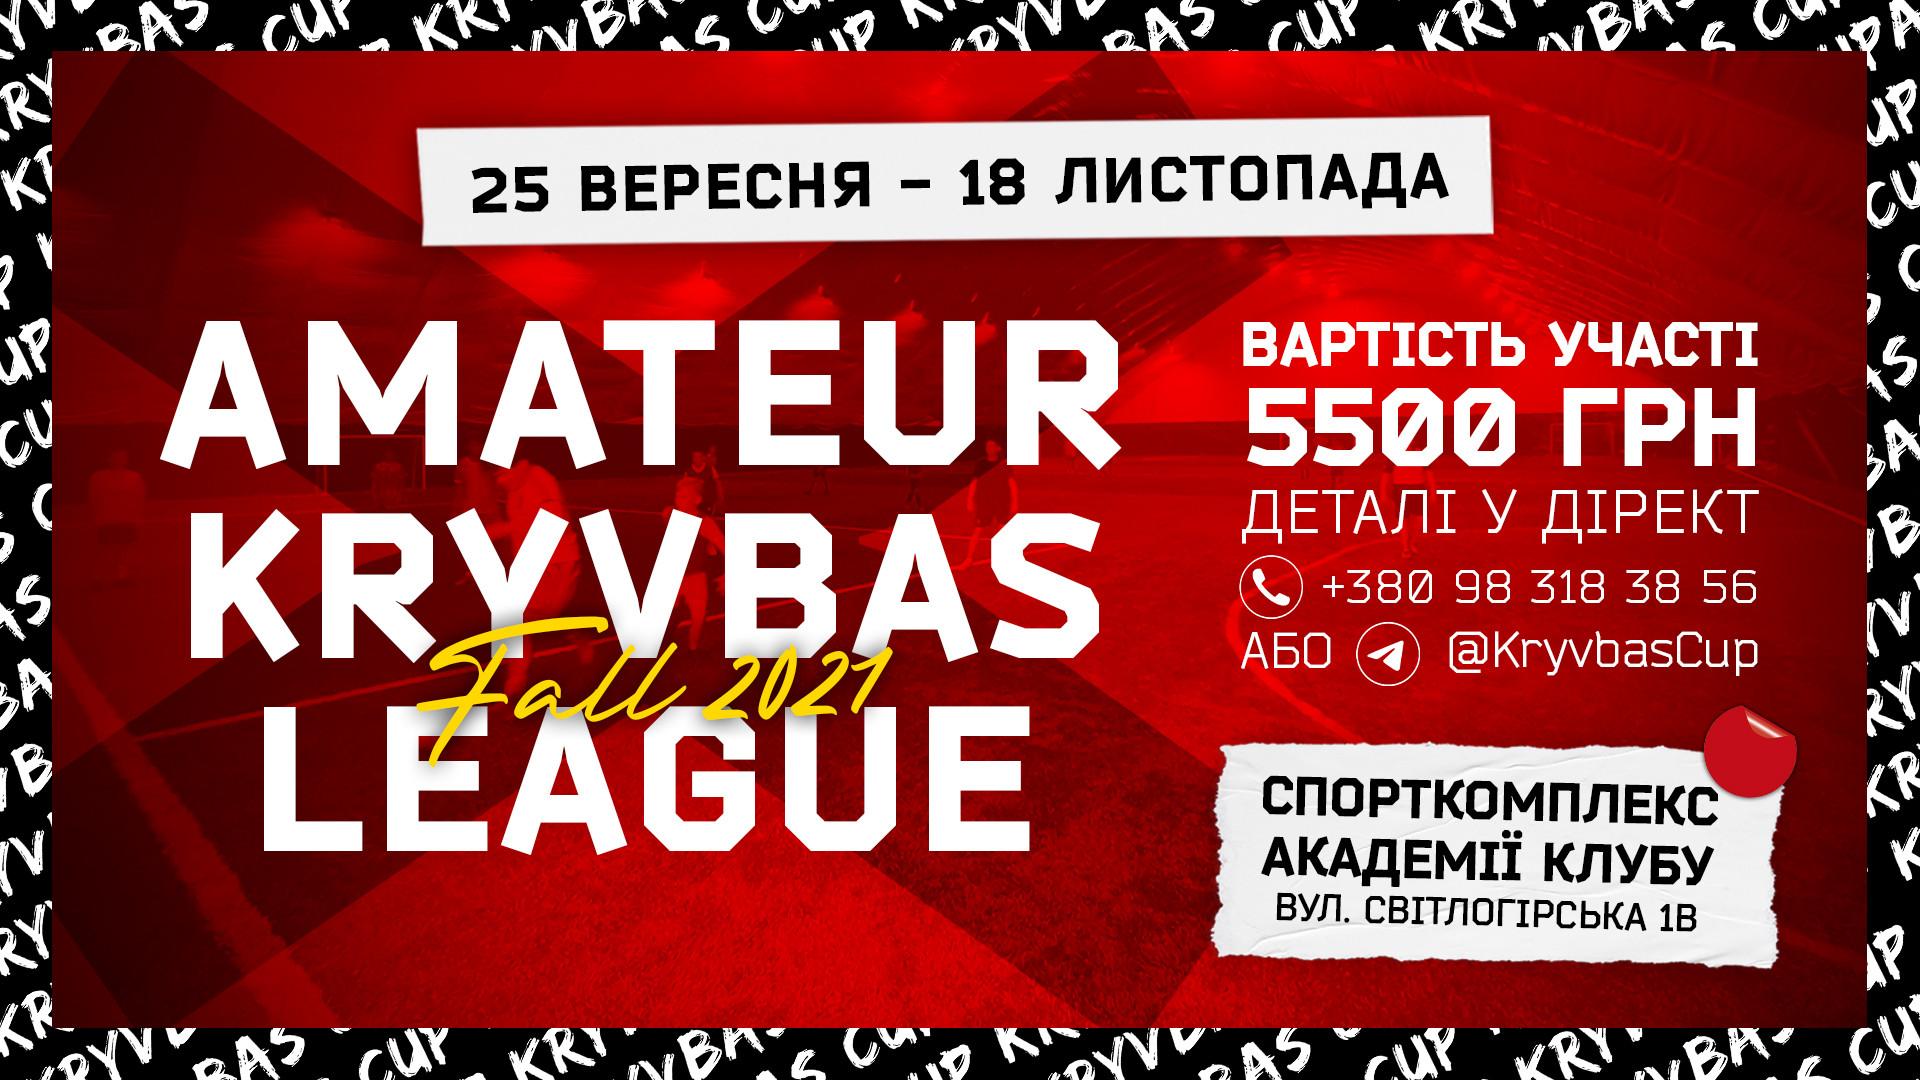 """ФК """"Кривбас"""" запрошує взяти участь у """"Amateur Kryvbas League""""}"""